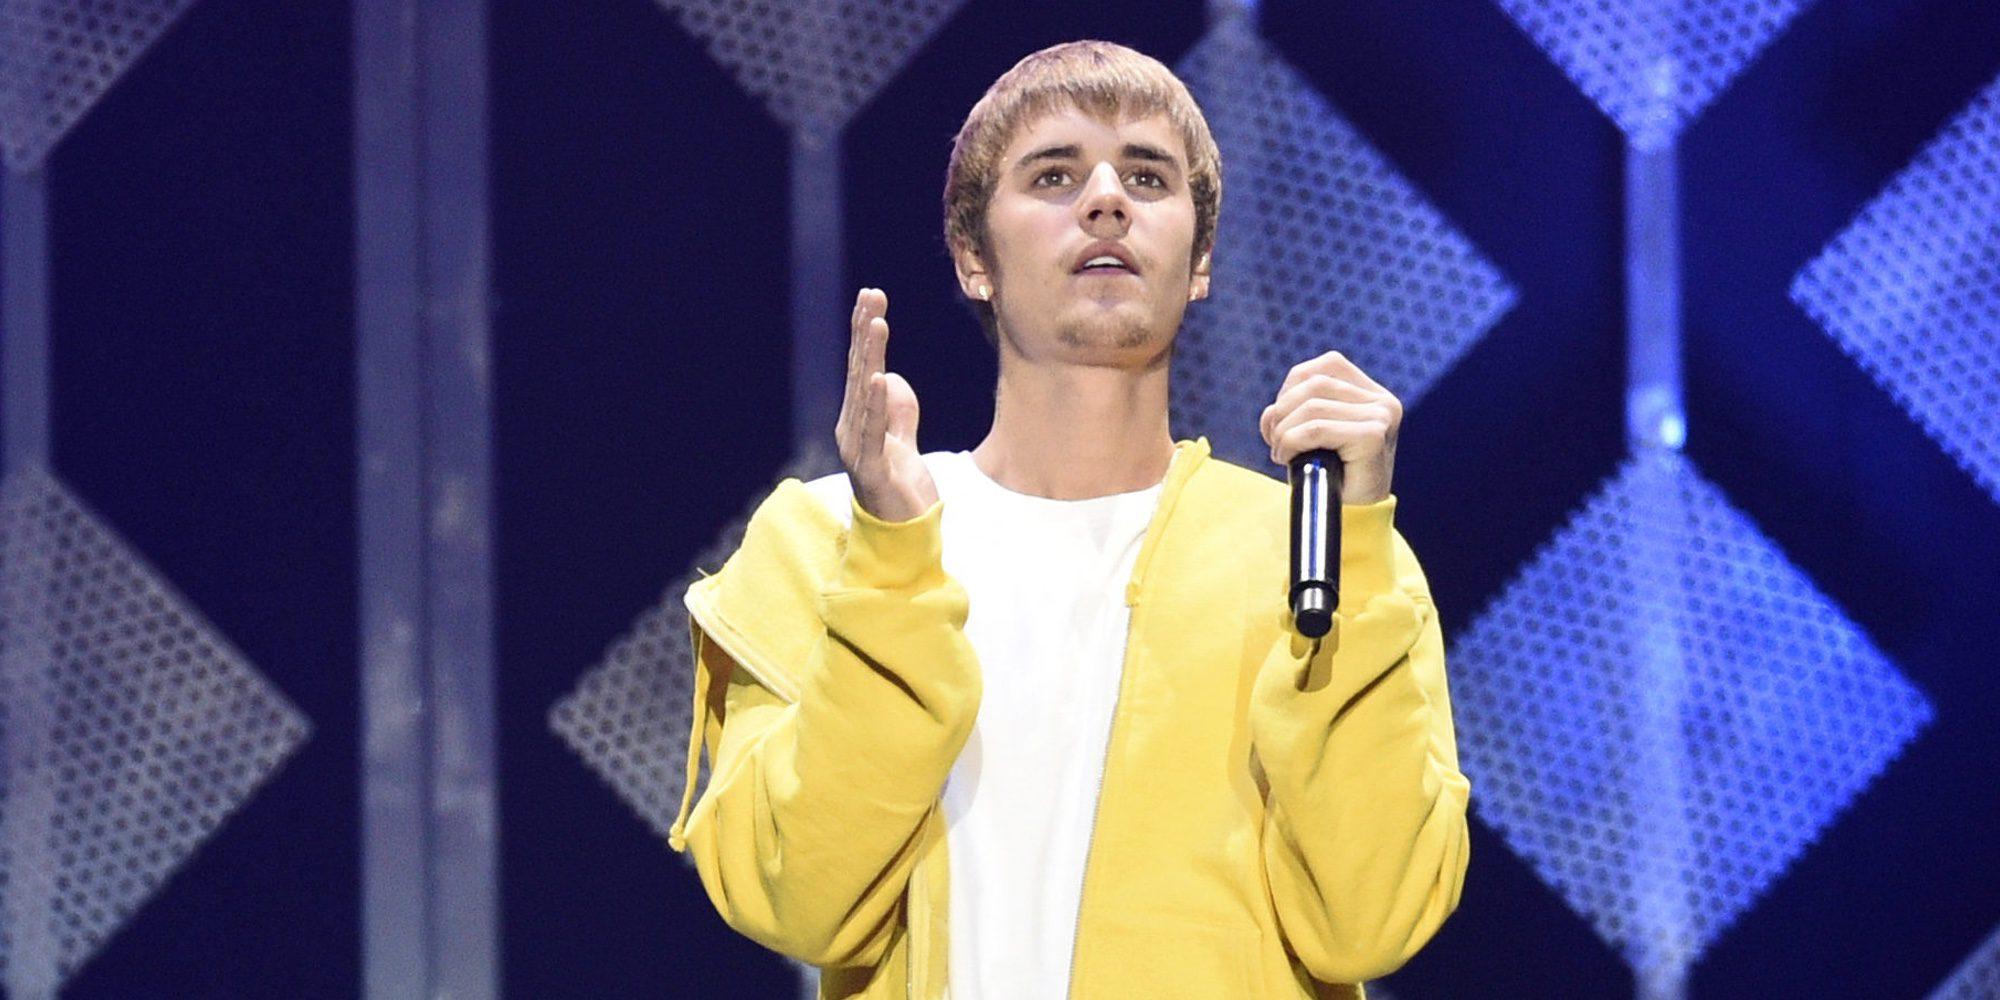 Justin Bieber cree que la relación de Selena Gomez y The Weeknd es una farsa